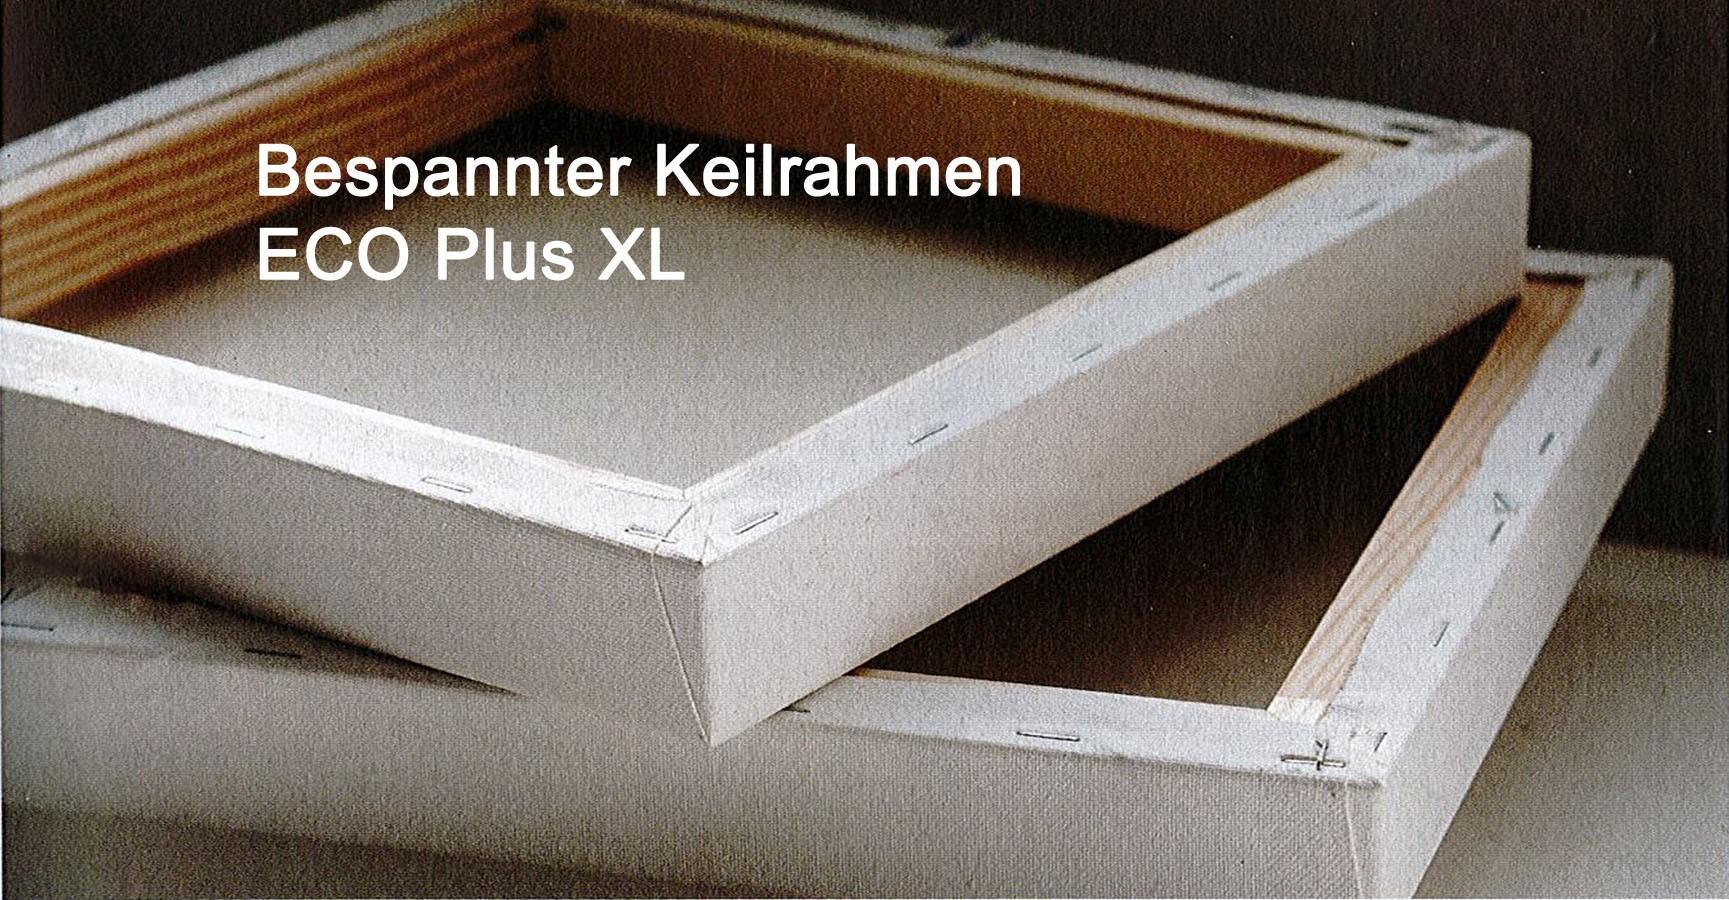 Bespannter Keilrahmen Ecoplus XL 40x60 Tiefe 3,8 cm